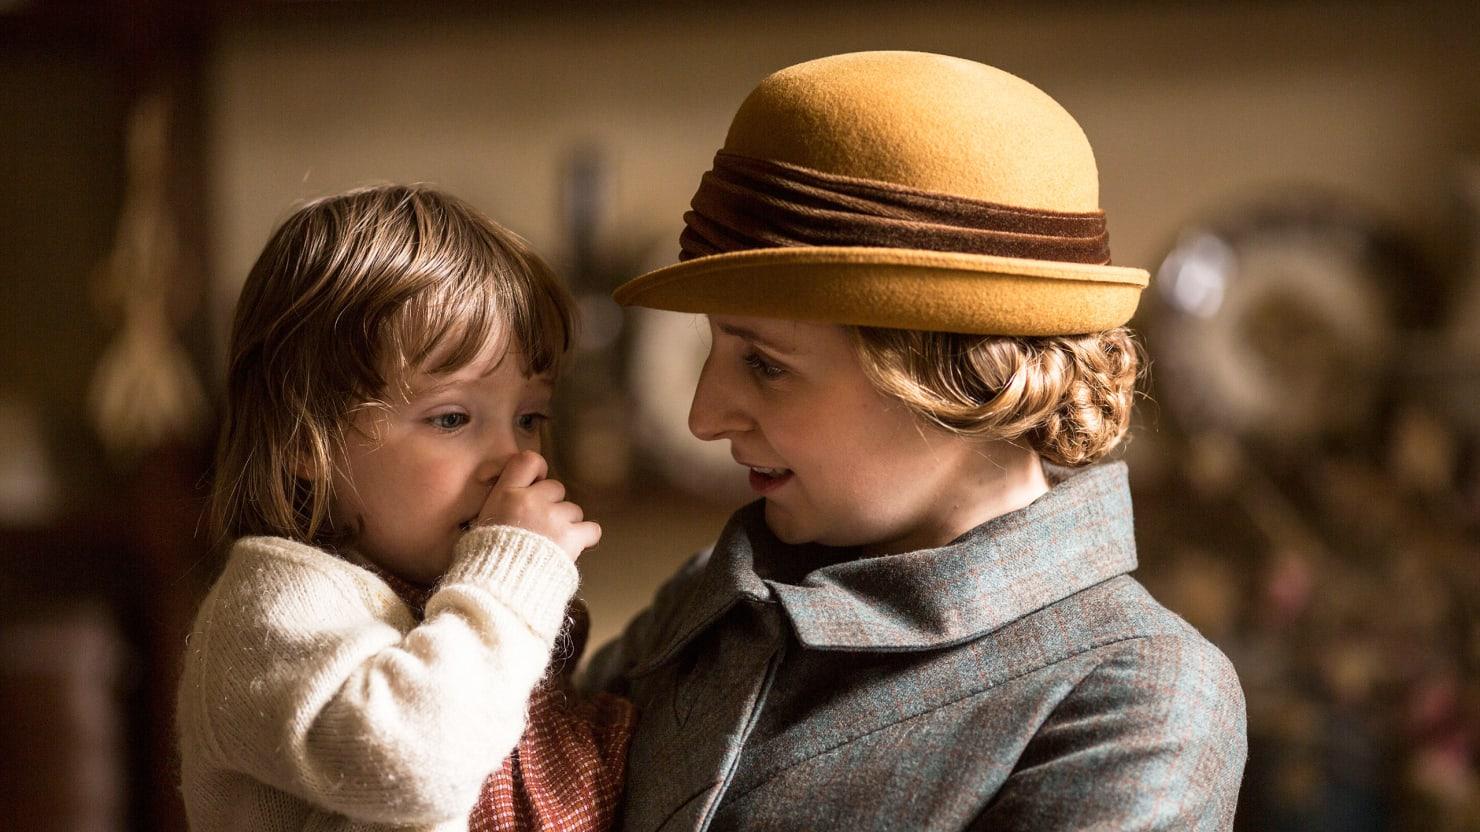 Downton Abbey's Alarming Adoption Plot